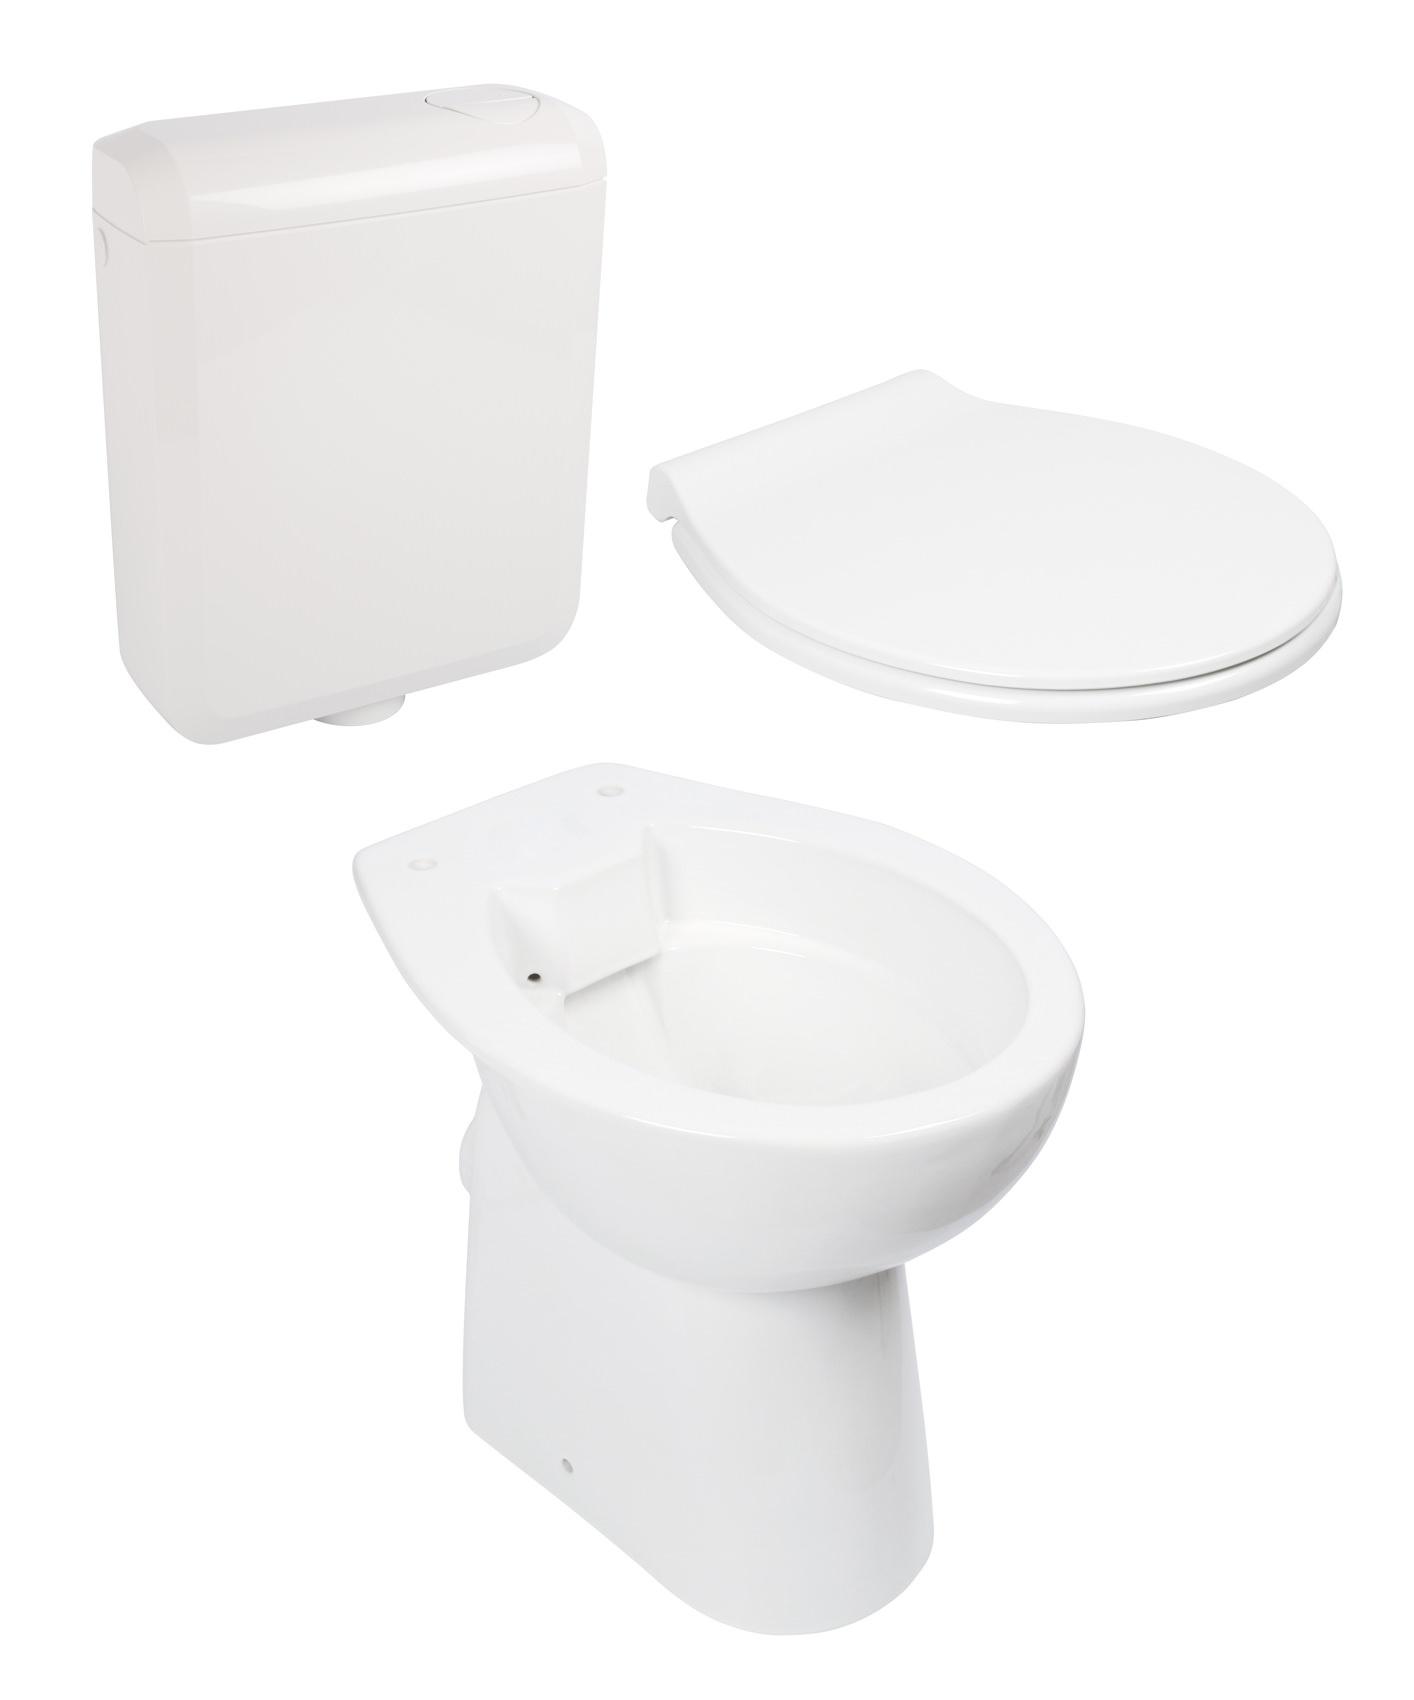 Top Spülrandloses WC im Keramik-Set 99000187 | www.calmwaters.de BW58